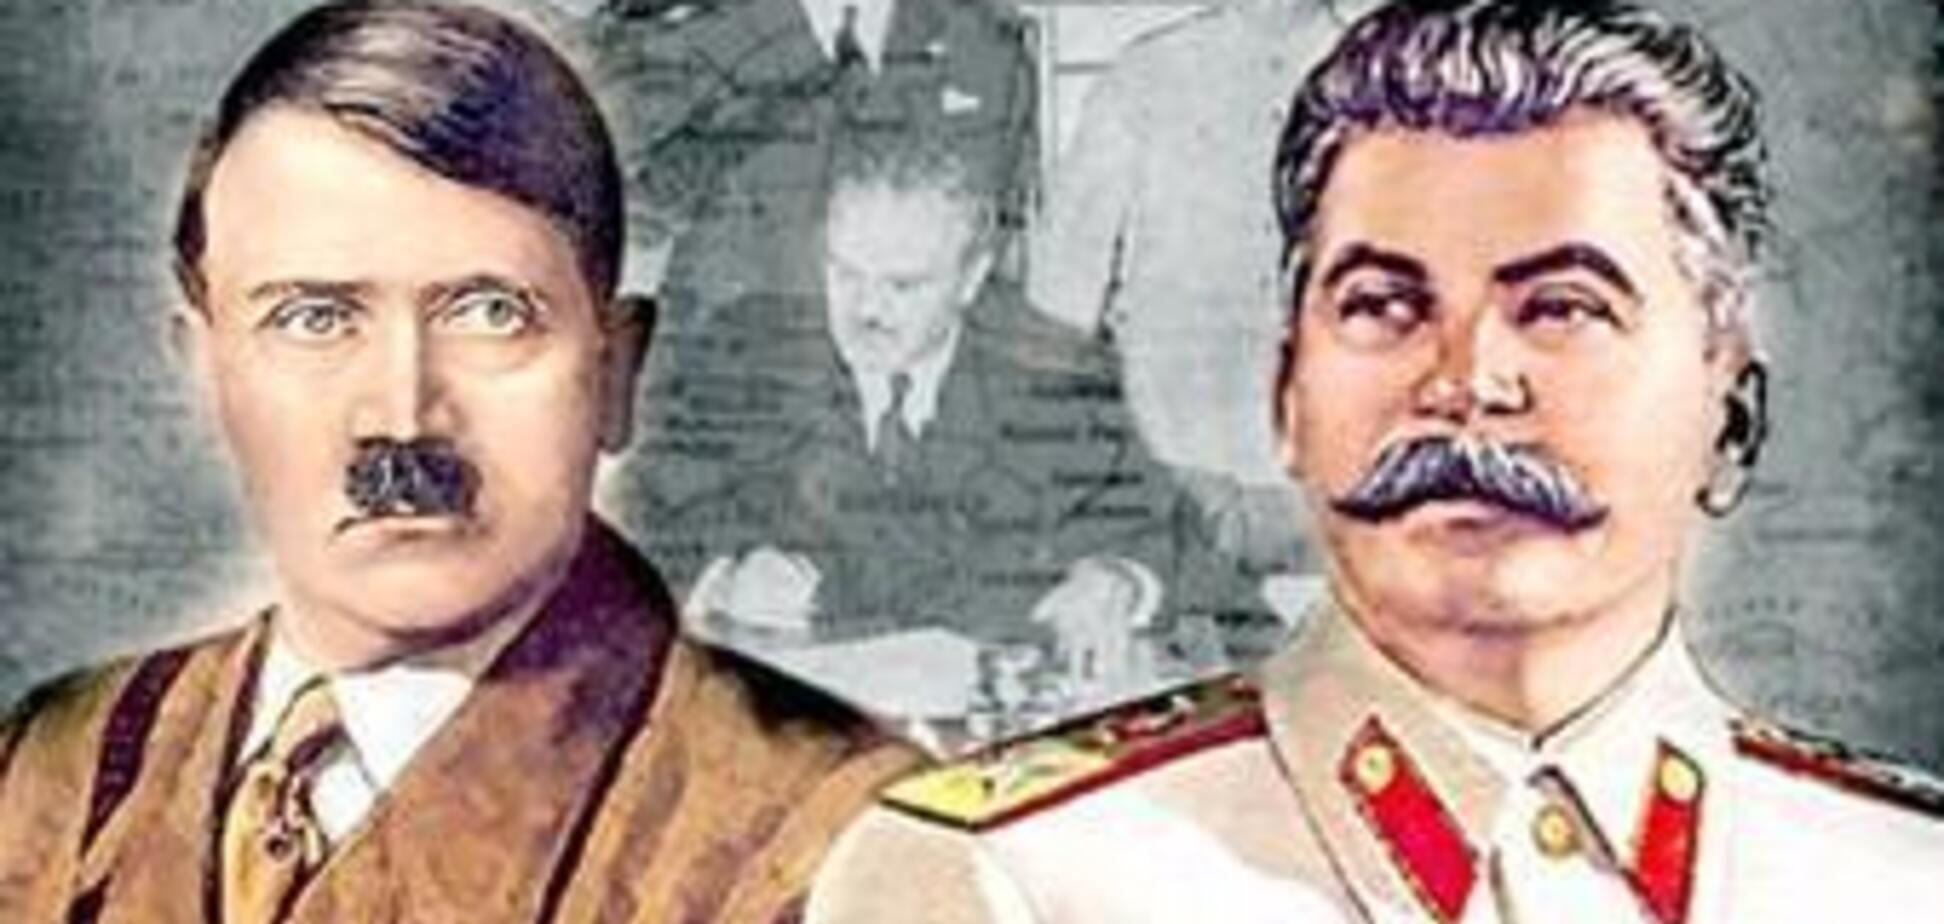 Сговор Сталина и Гитлера: модель отношений Путина с миром